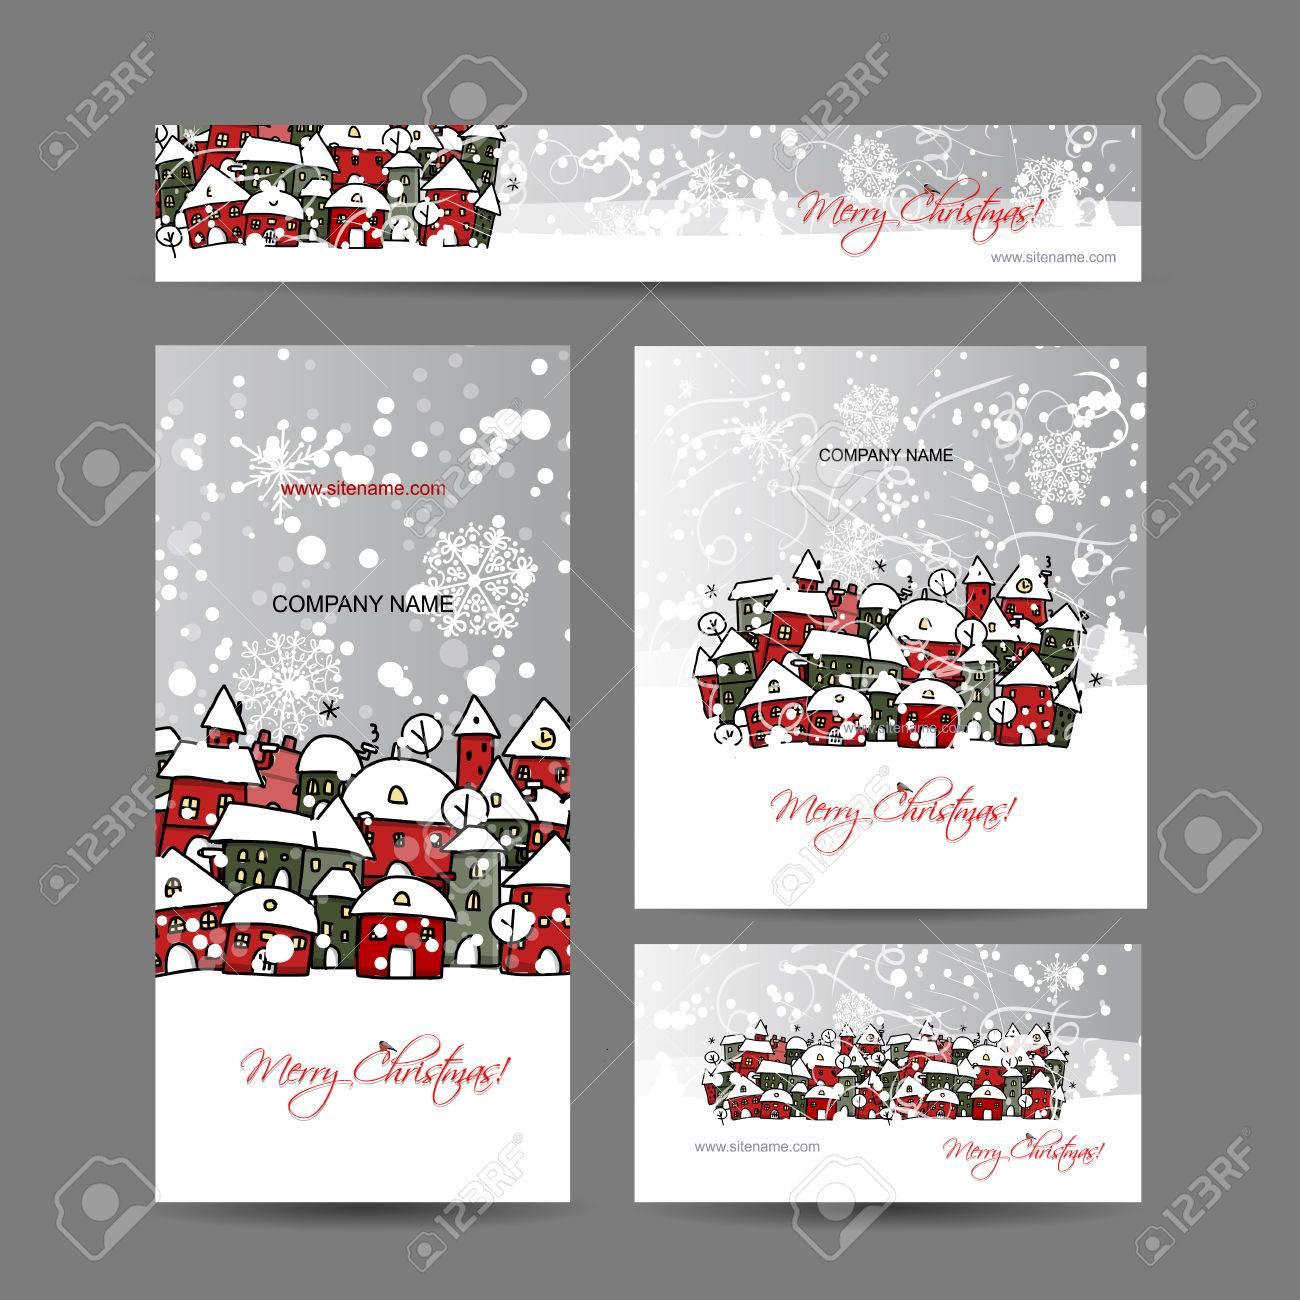 Foto Di Natale Neve Inverno 94.Cartoline Di Natale Con Inverno Citta Schizzo Per La Progettazione